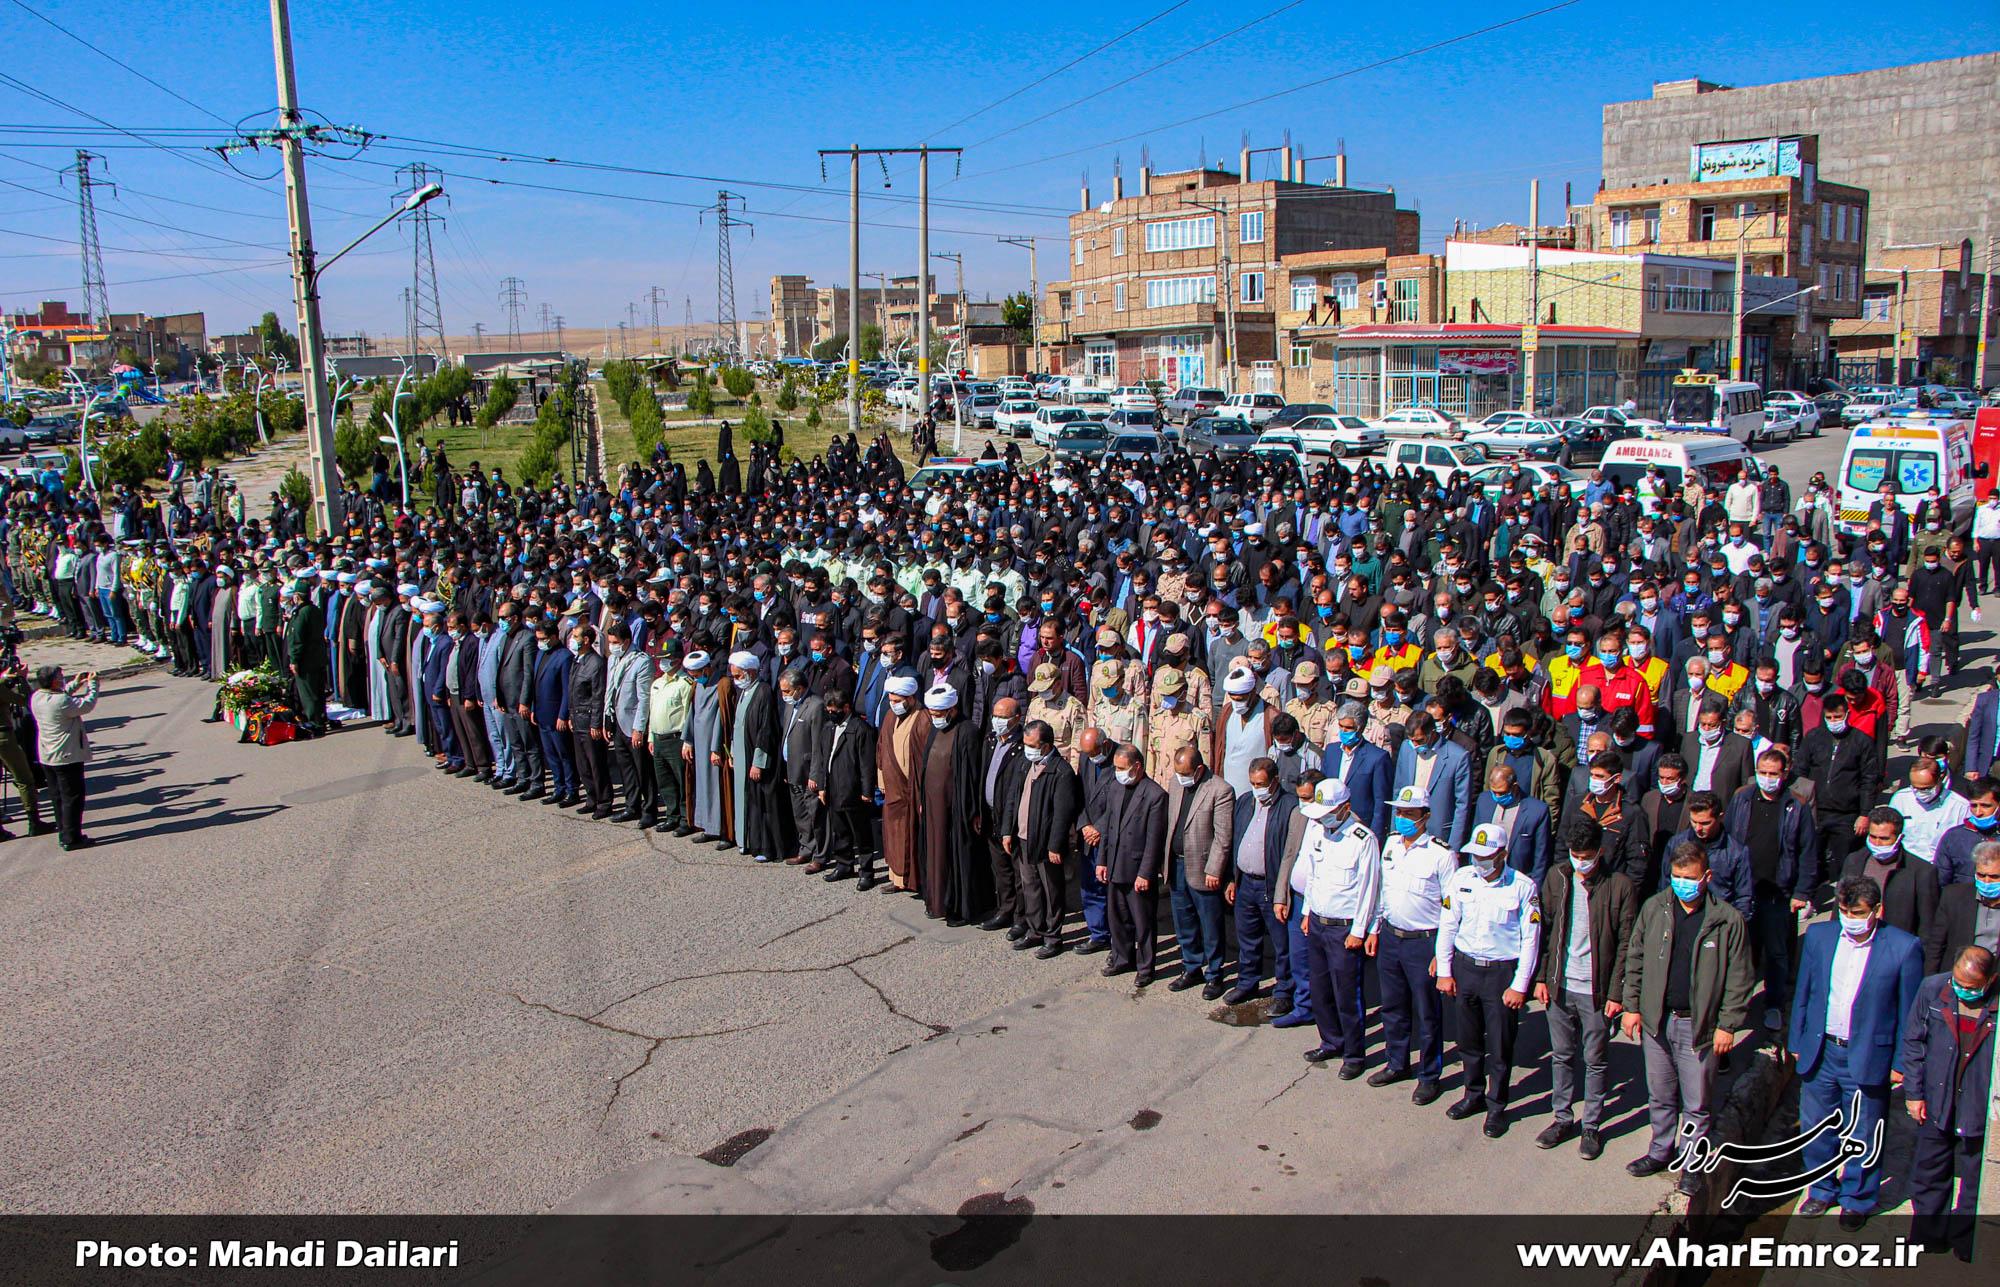 تصویری/ تشییع پیکر شهید مدافع وطن ساسان امیرخانی در اهر